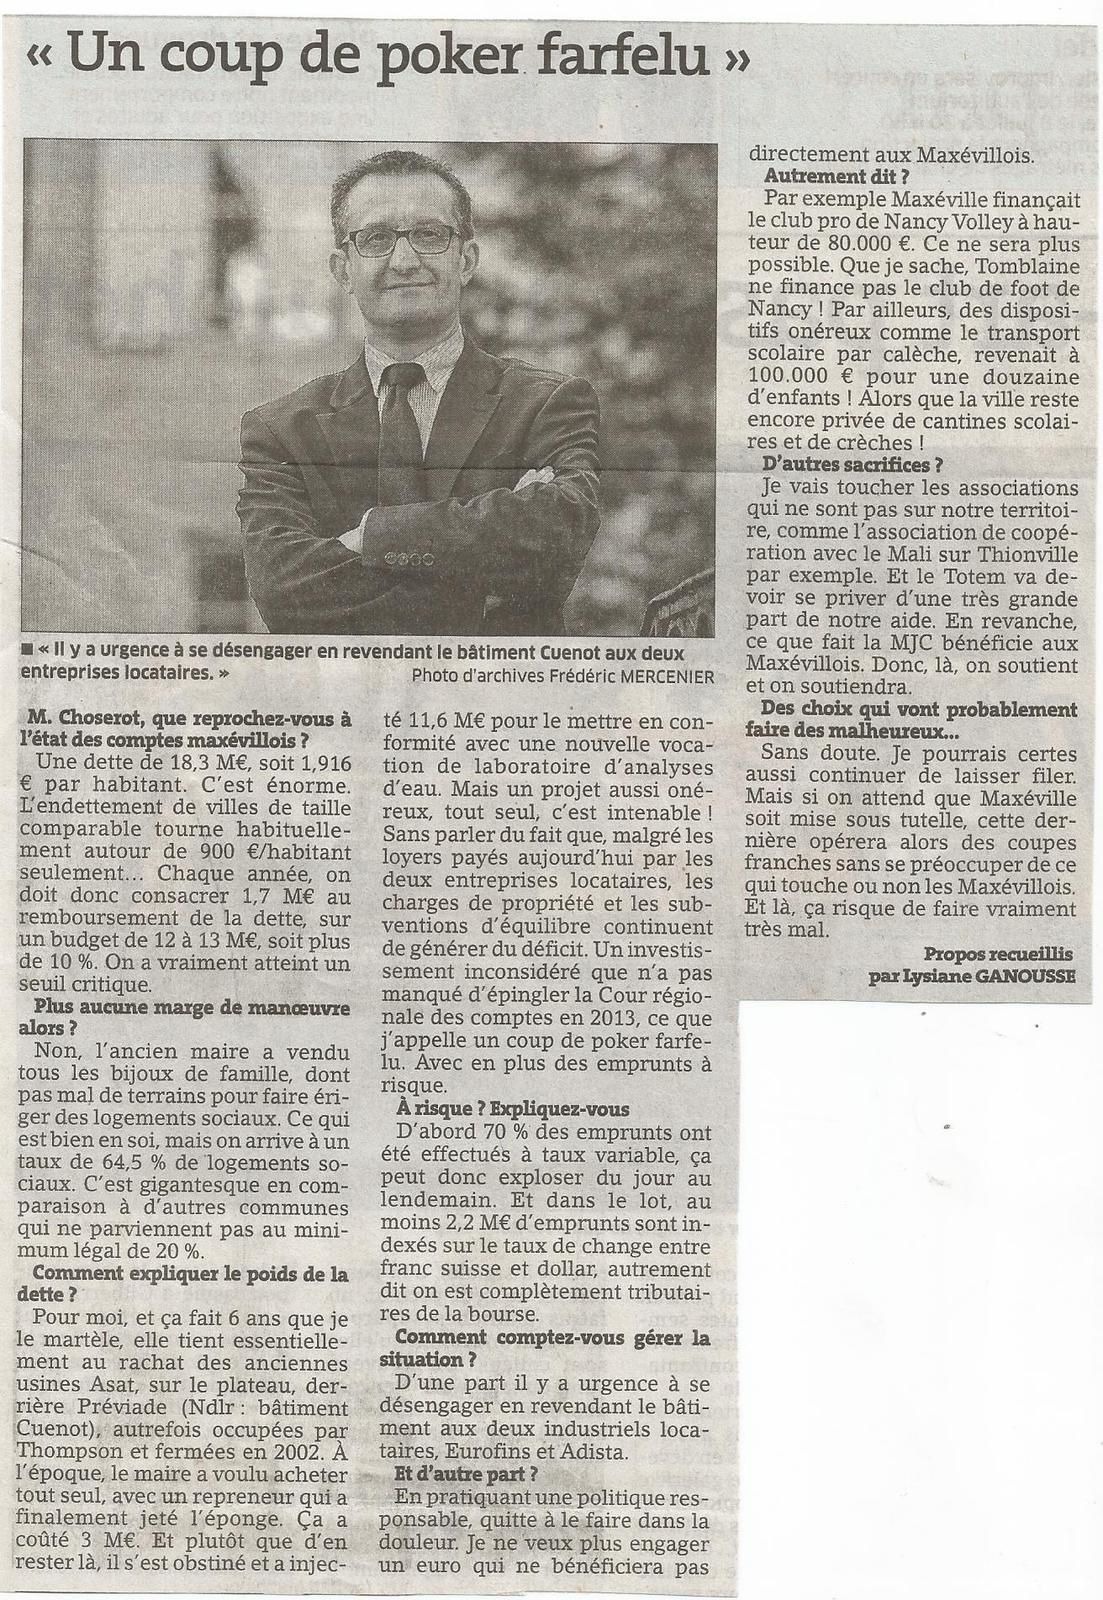 Dans L'Est Républicain de ce matin: une sorte de débat entre MM. Henri Bégorre et Christophe Choserot